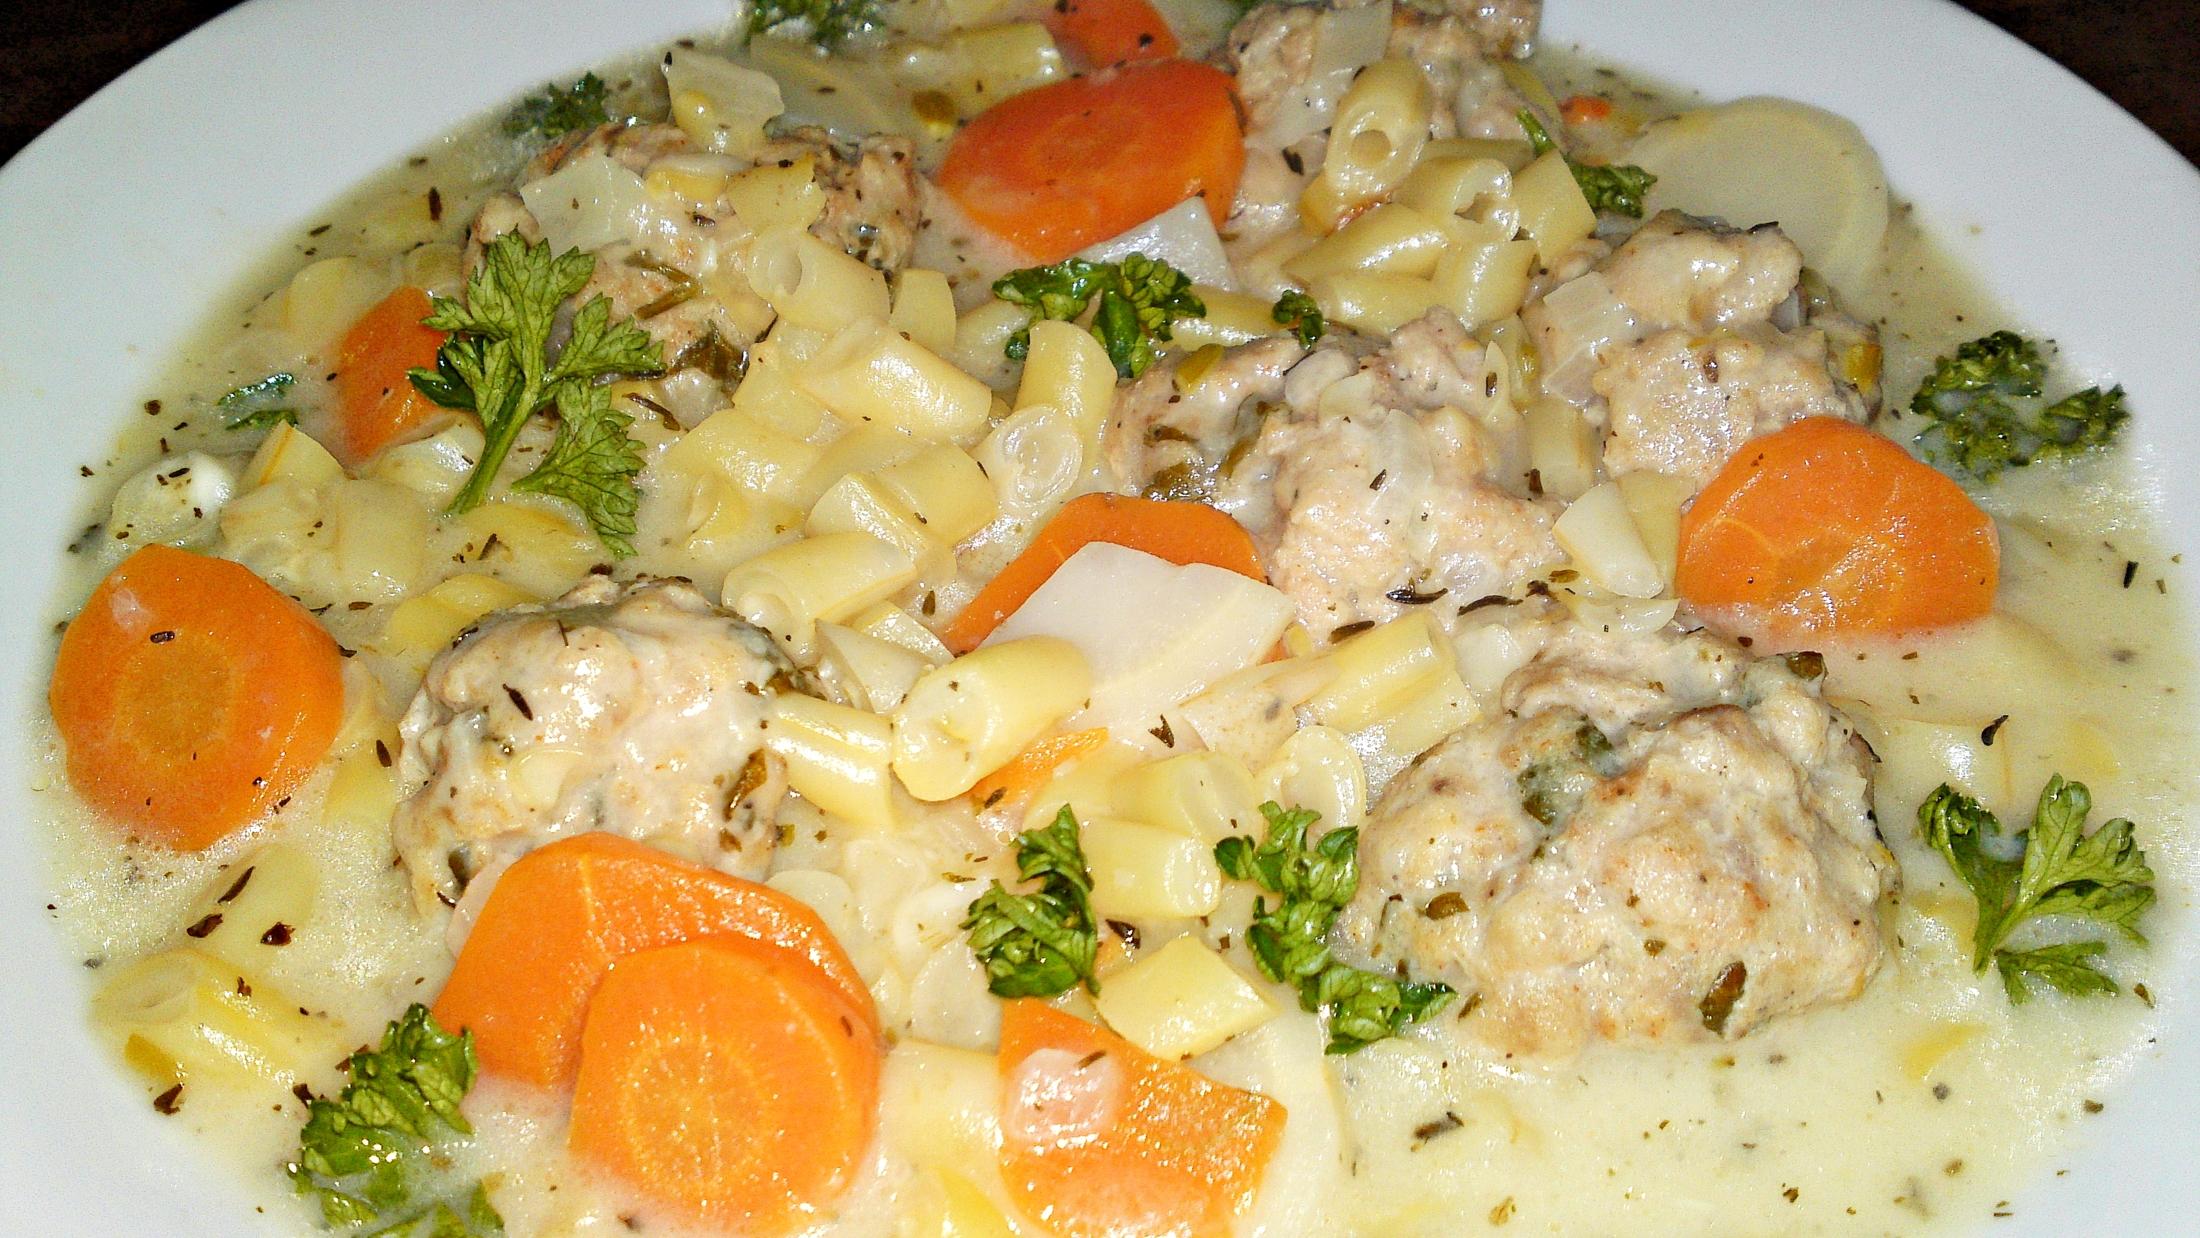 Fotografie receptu: Jogurtová polévka ze žluté máslové fazolky s knedlíčky z jehněčího masa